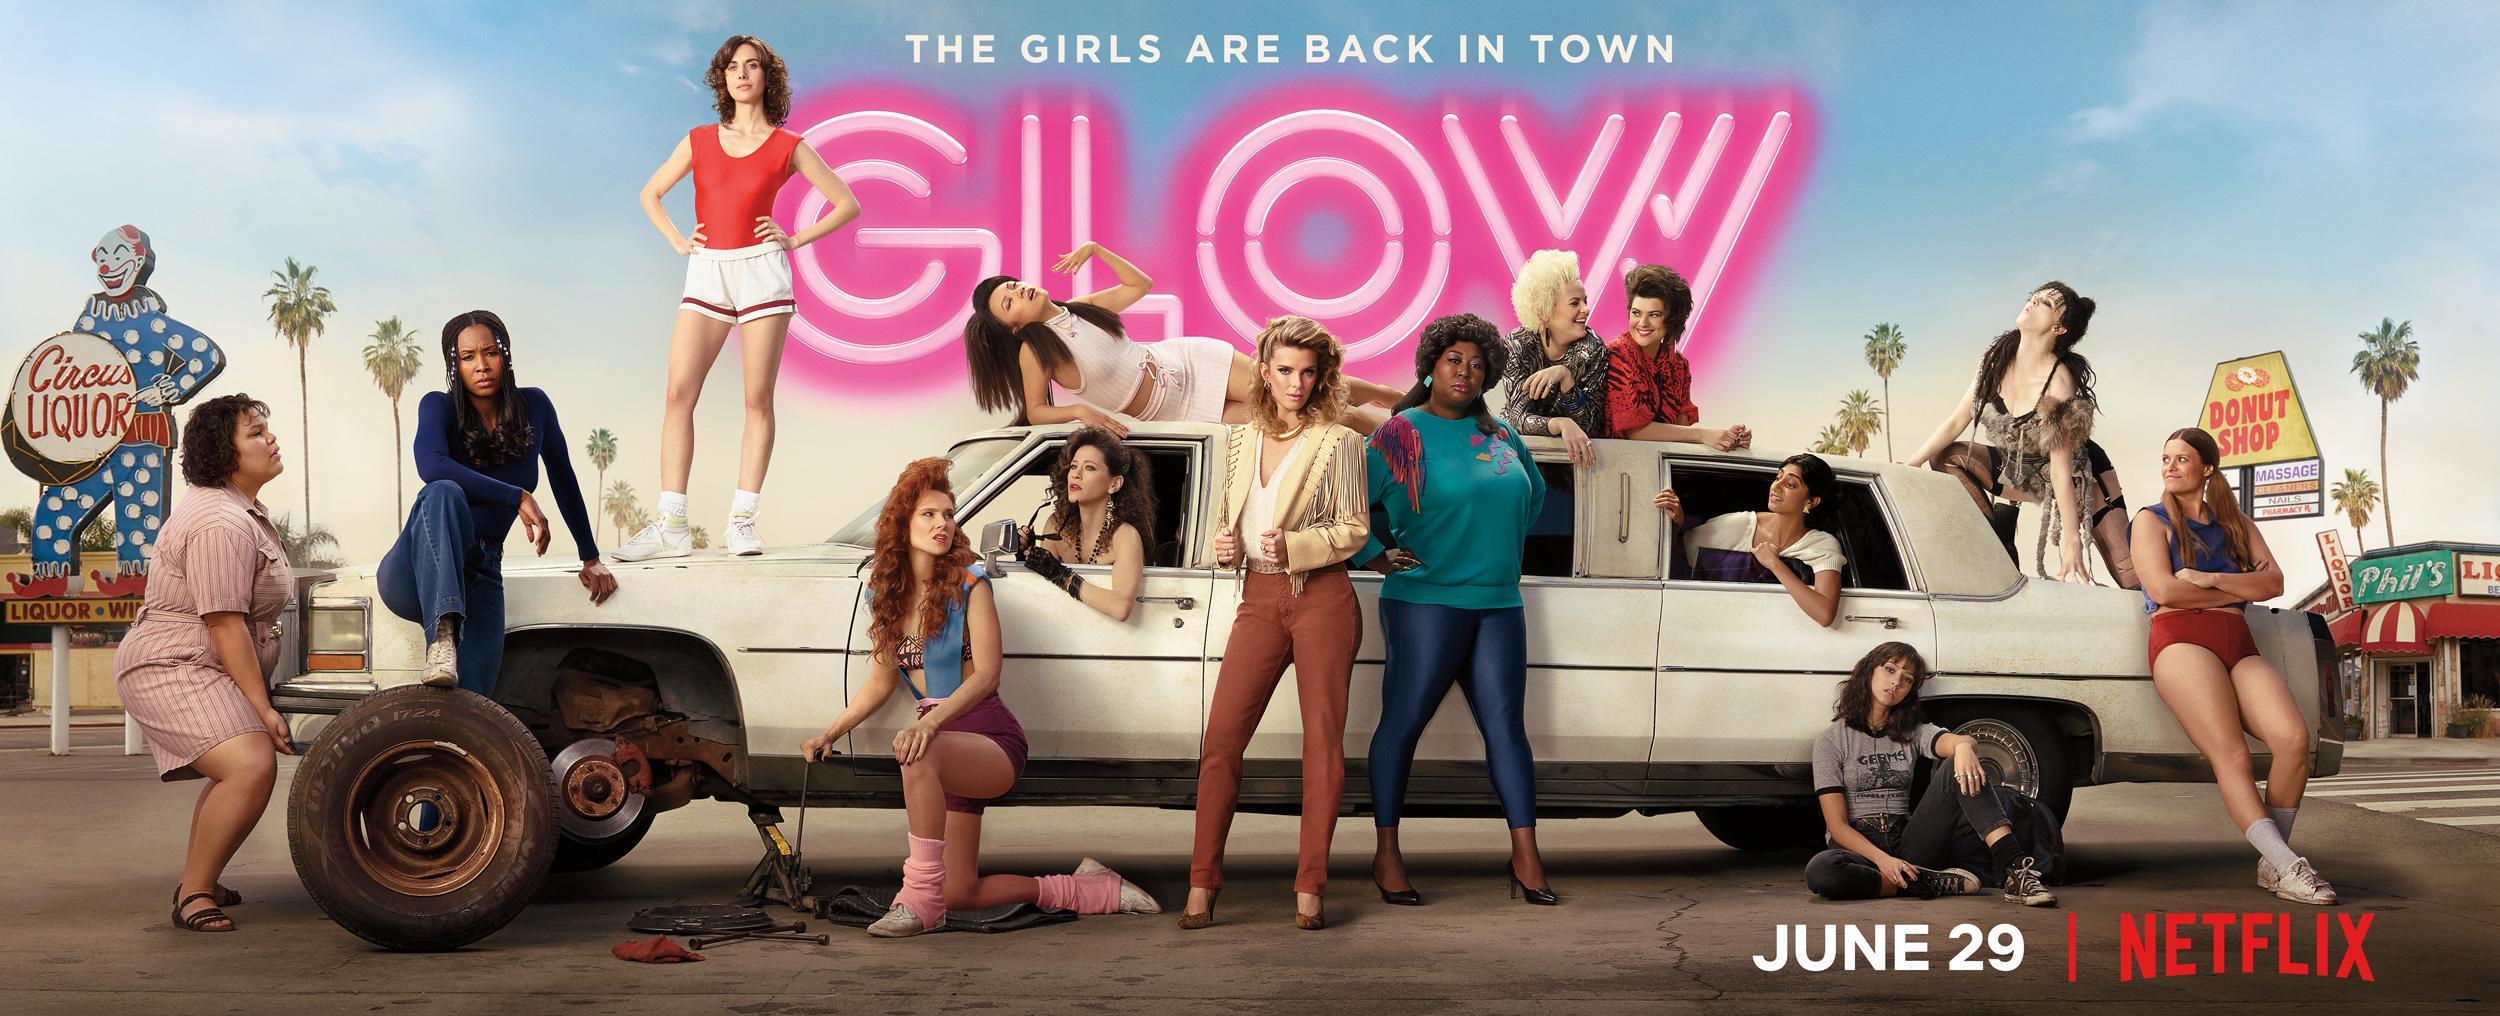 Zweite Staffel von GLOW ab 29. Juni auf Netflix